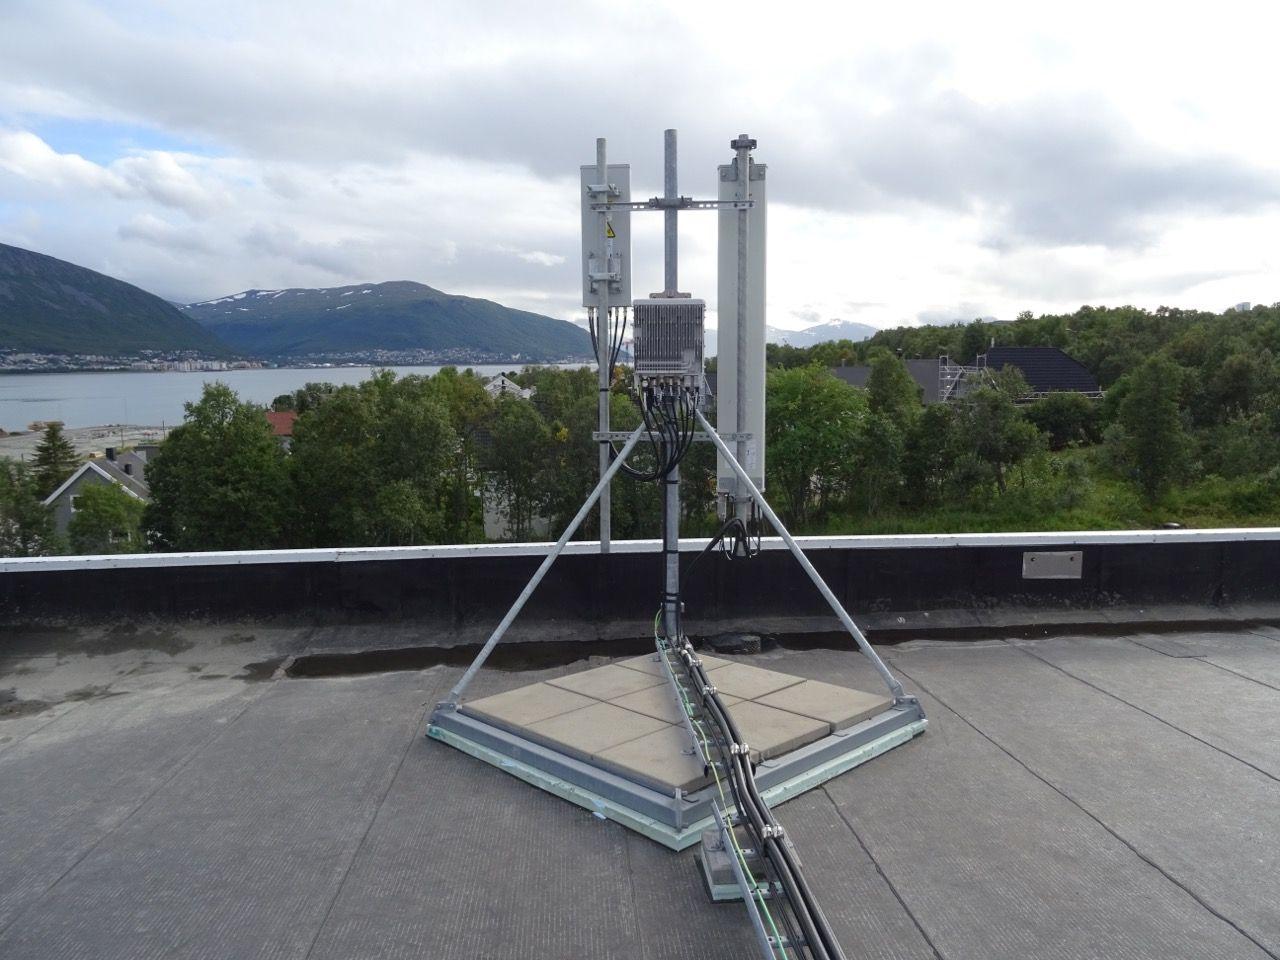 Her er en av de nye 5G-basestasjonene Ice har satt opp i Tromsø.